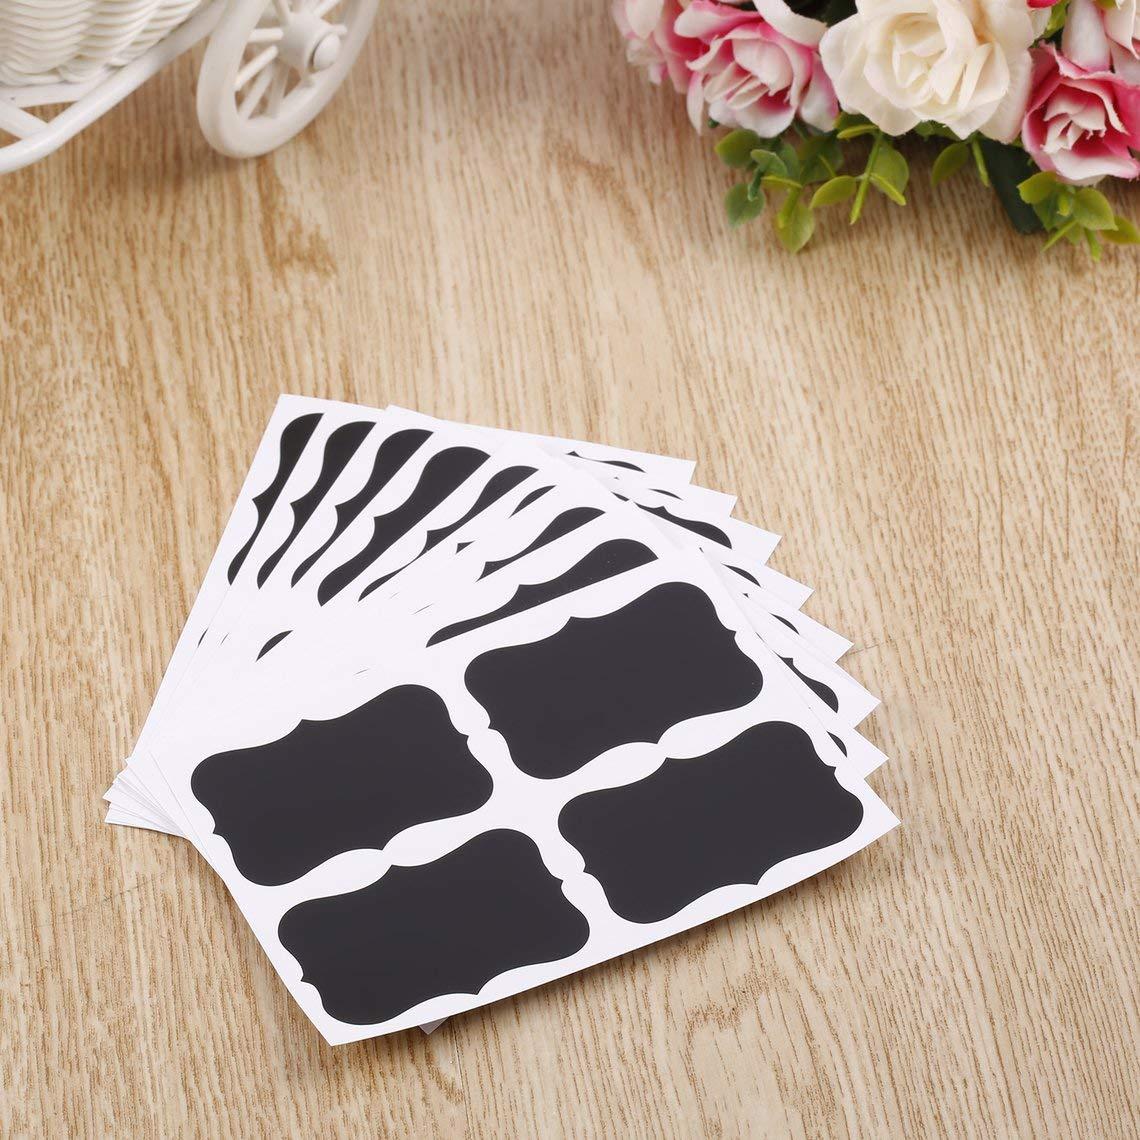 Zinniaya 36 Pcs Chalkboard Blackboard Chalk Board Stickers Craft Kitchen Jar Labels 49 x 34mm Decoration Decals Tags